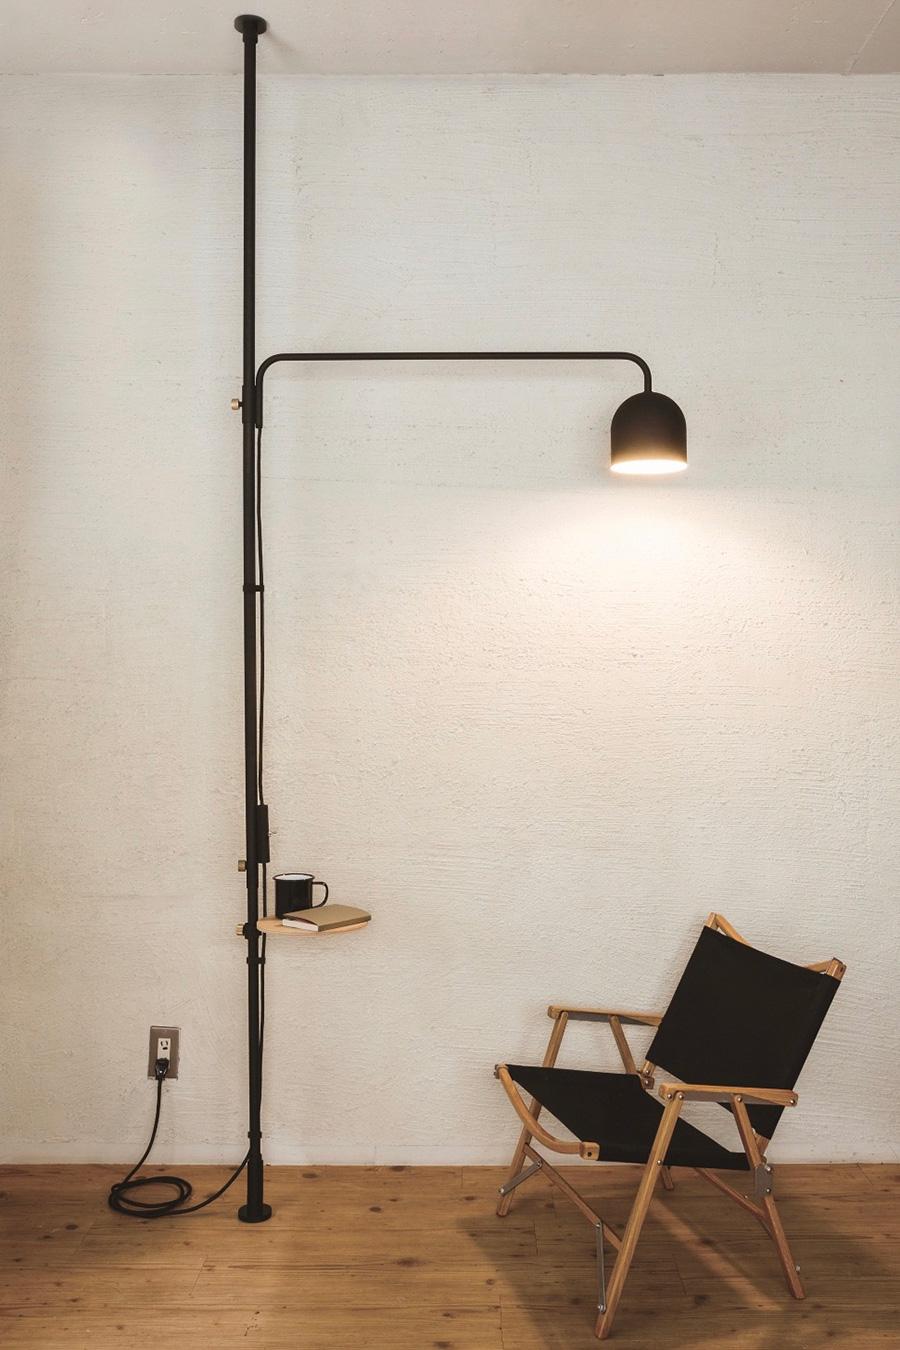 照明やテーブルを取り付ければ、たちまち寛ぎスペースに。 ランプ ¥32,000 テーブル ¥4,500